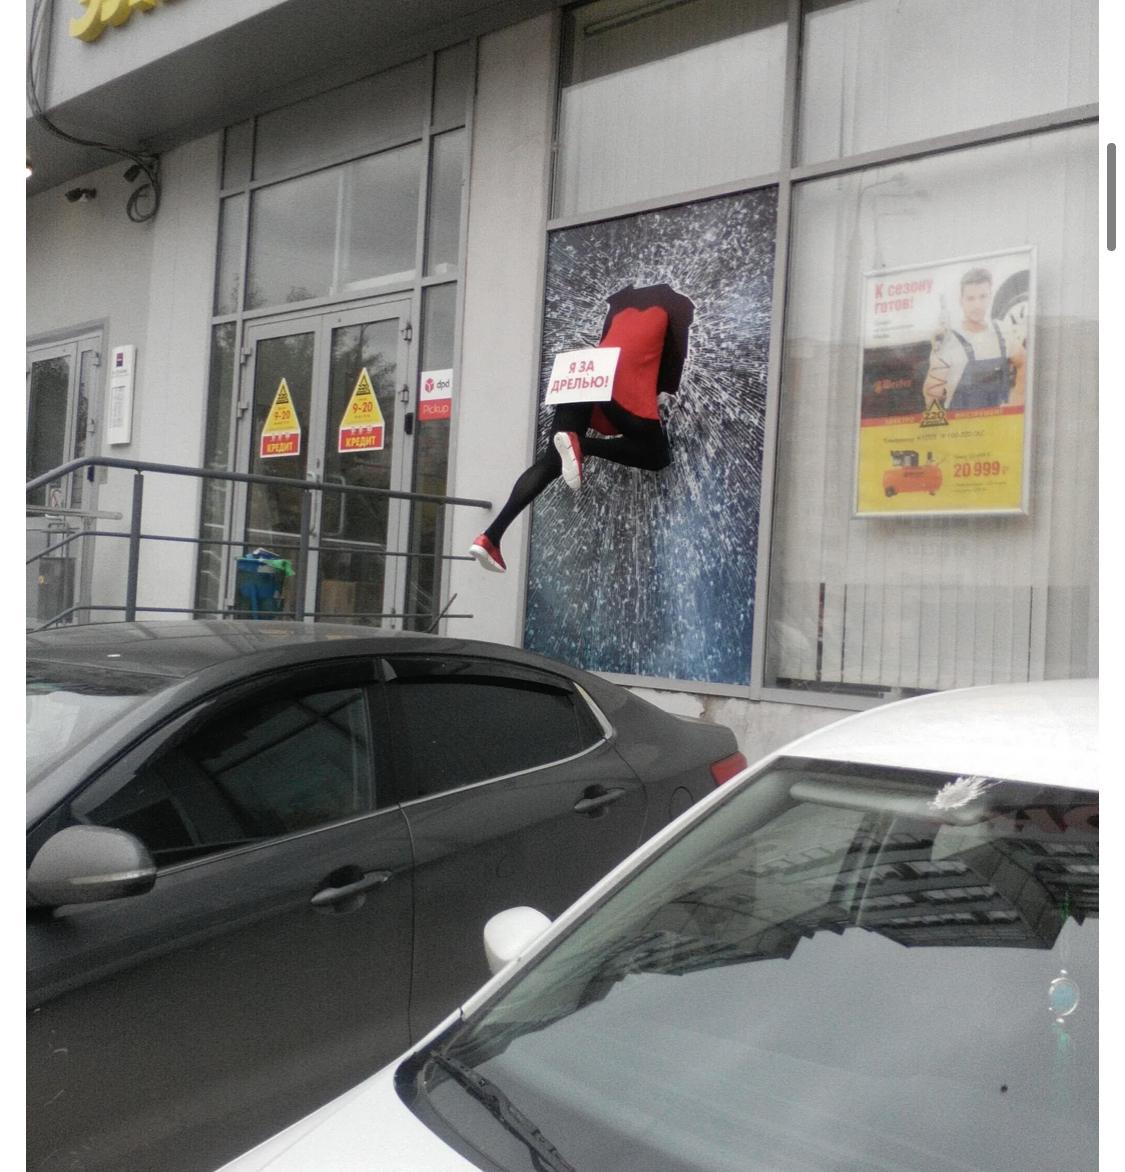 Однажды в России: 10 смешных кадров, которые могли случиться лишь у нас